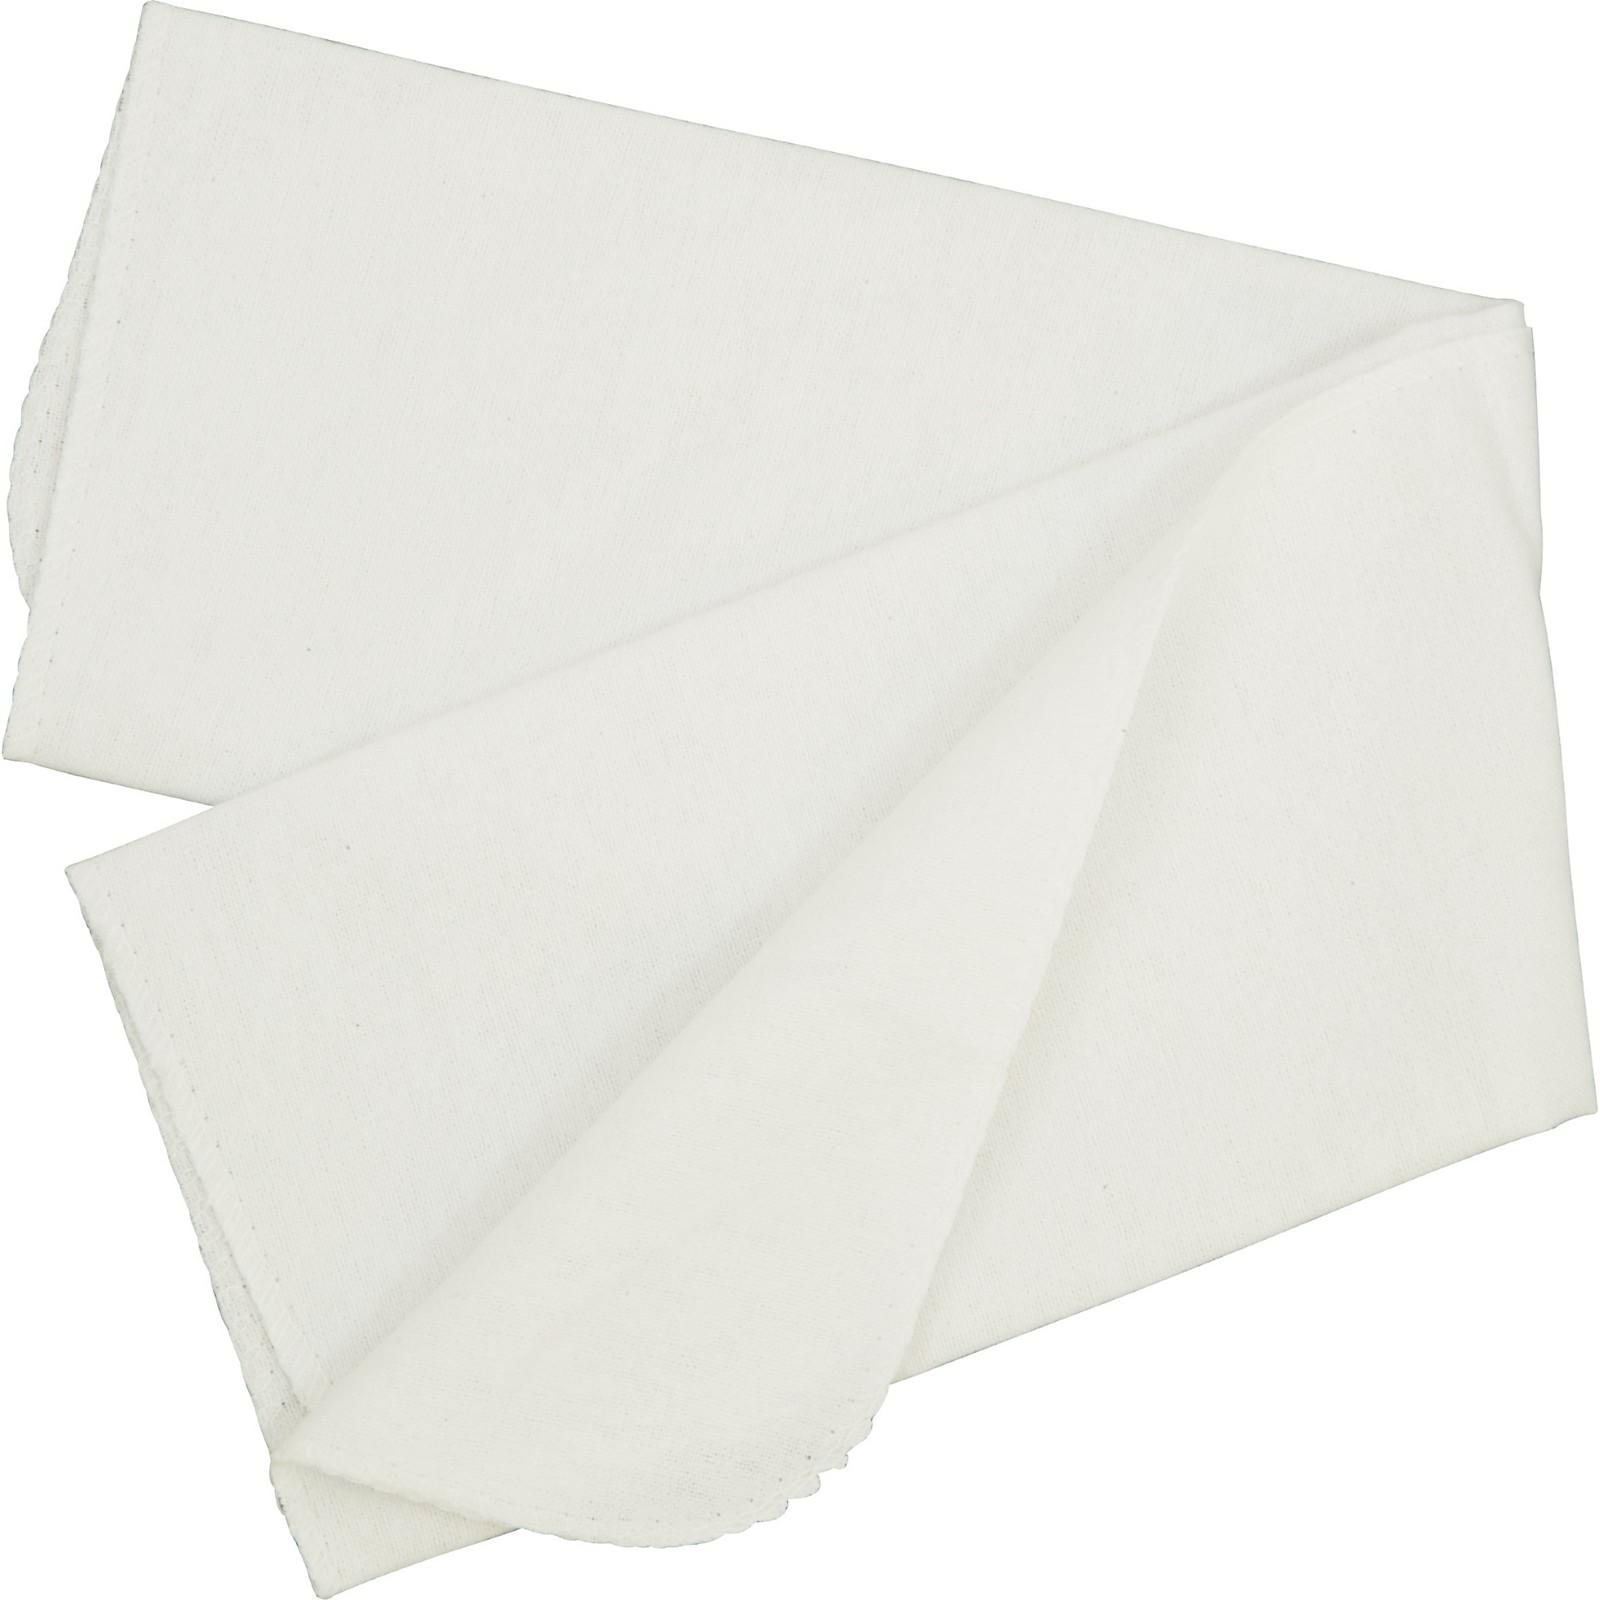 Clayton Pro Buff Cloth